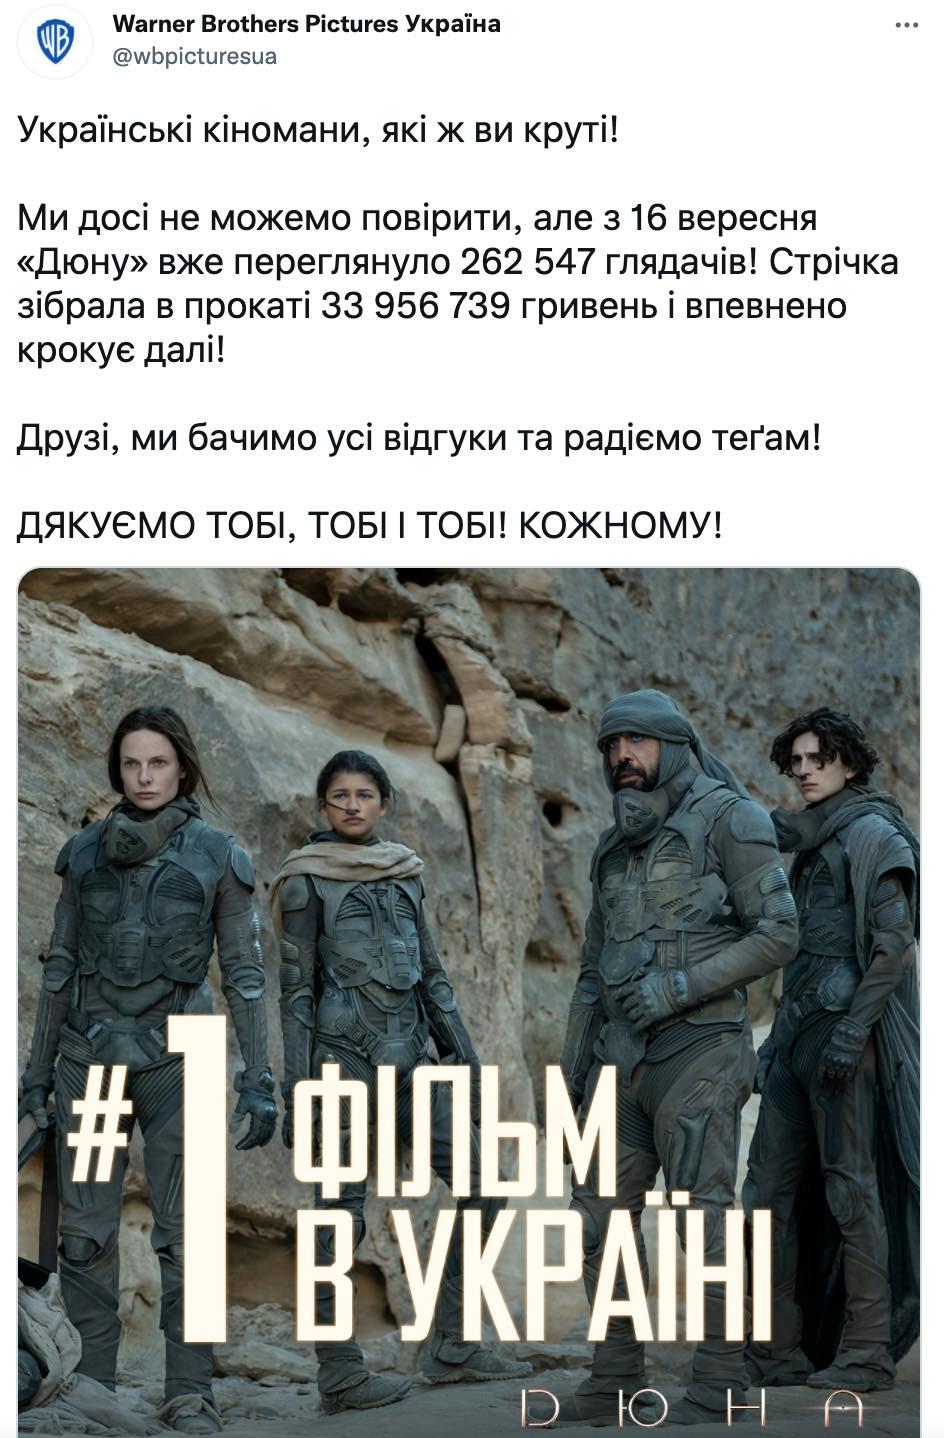 """""""Дюна"""" за пять дней проката вышла на первое место в Украине по кассовым сборам"""